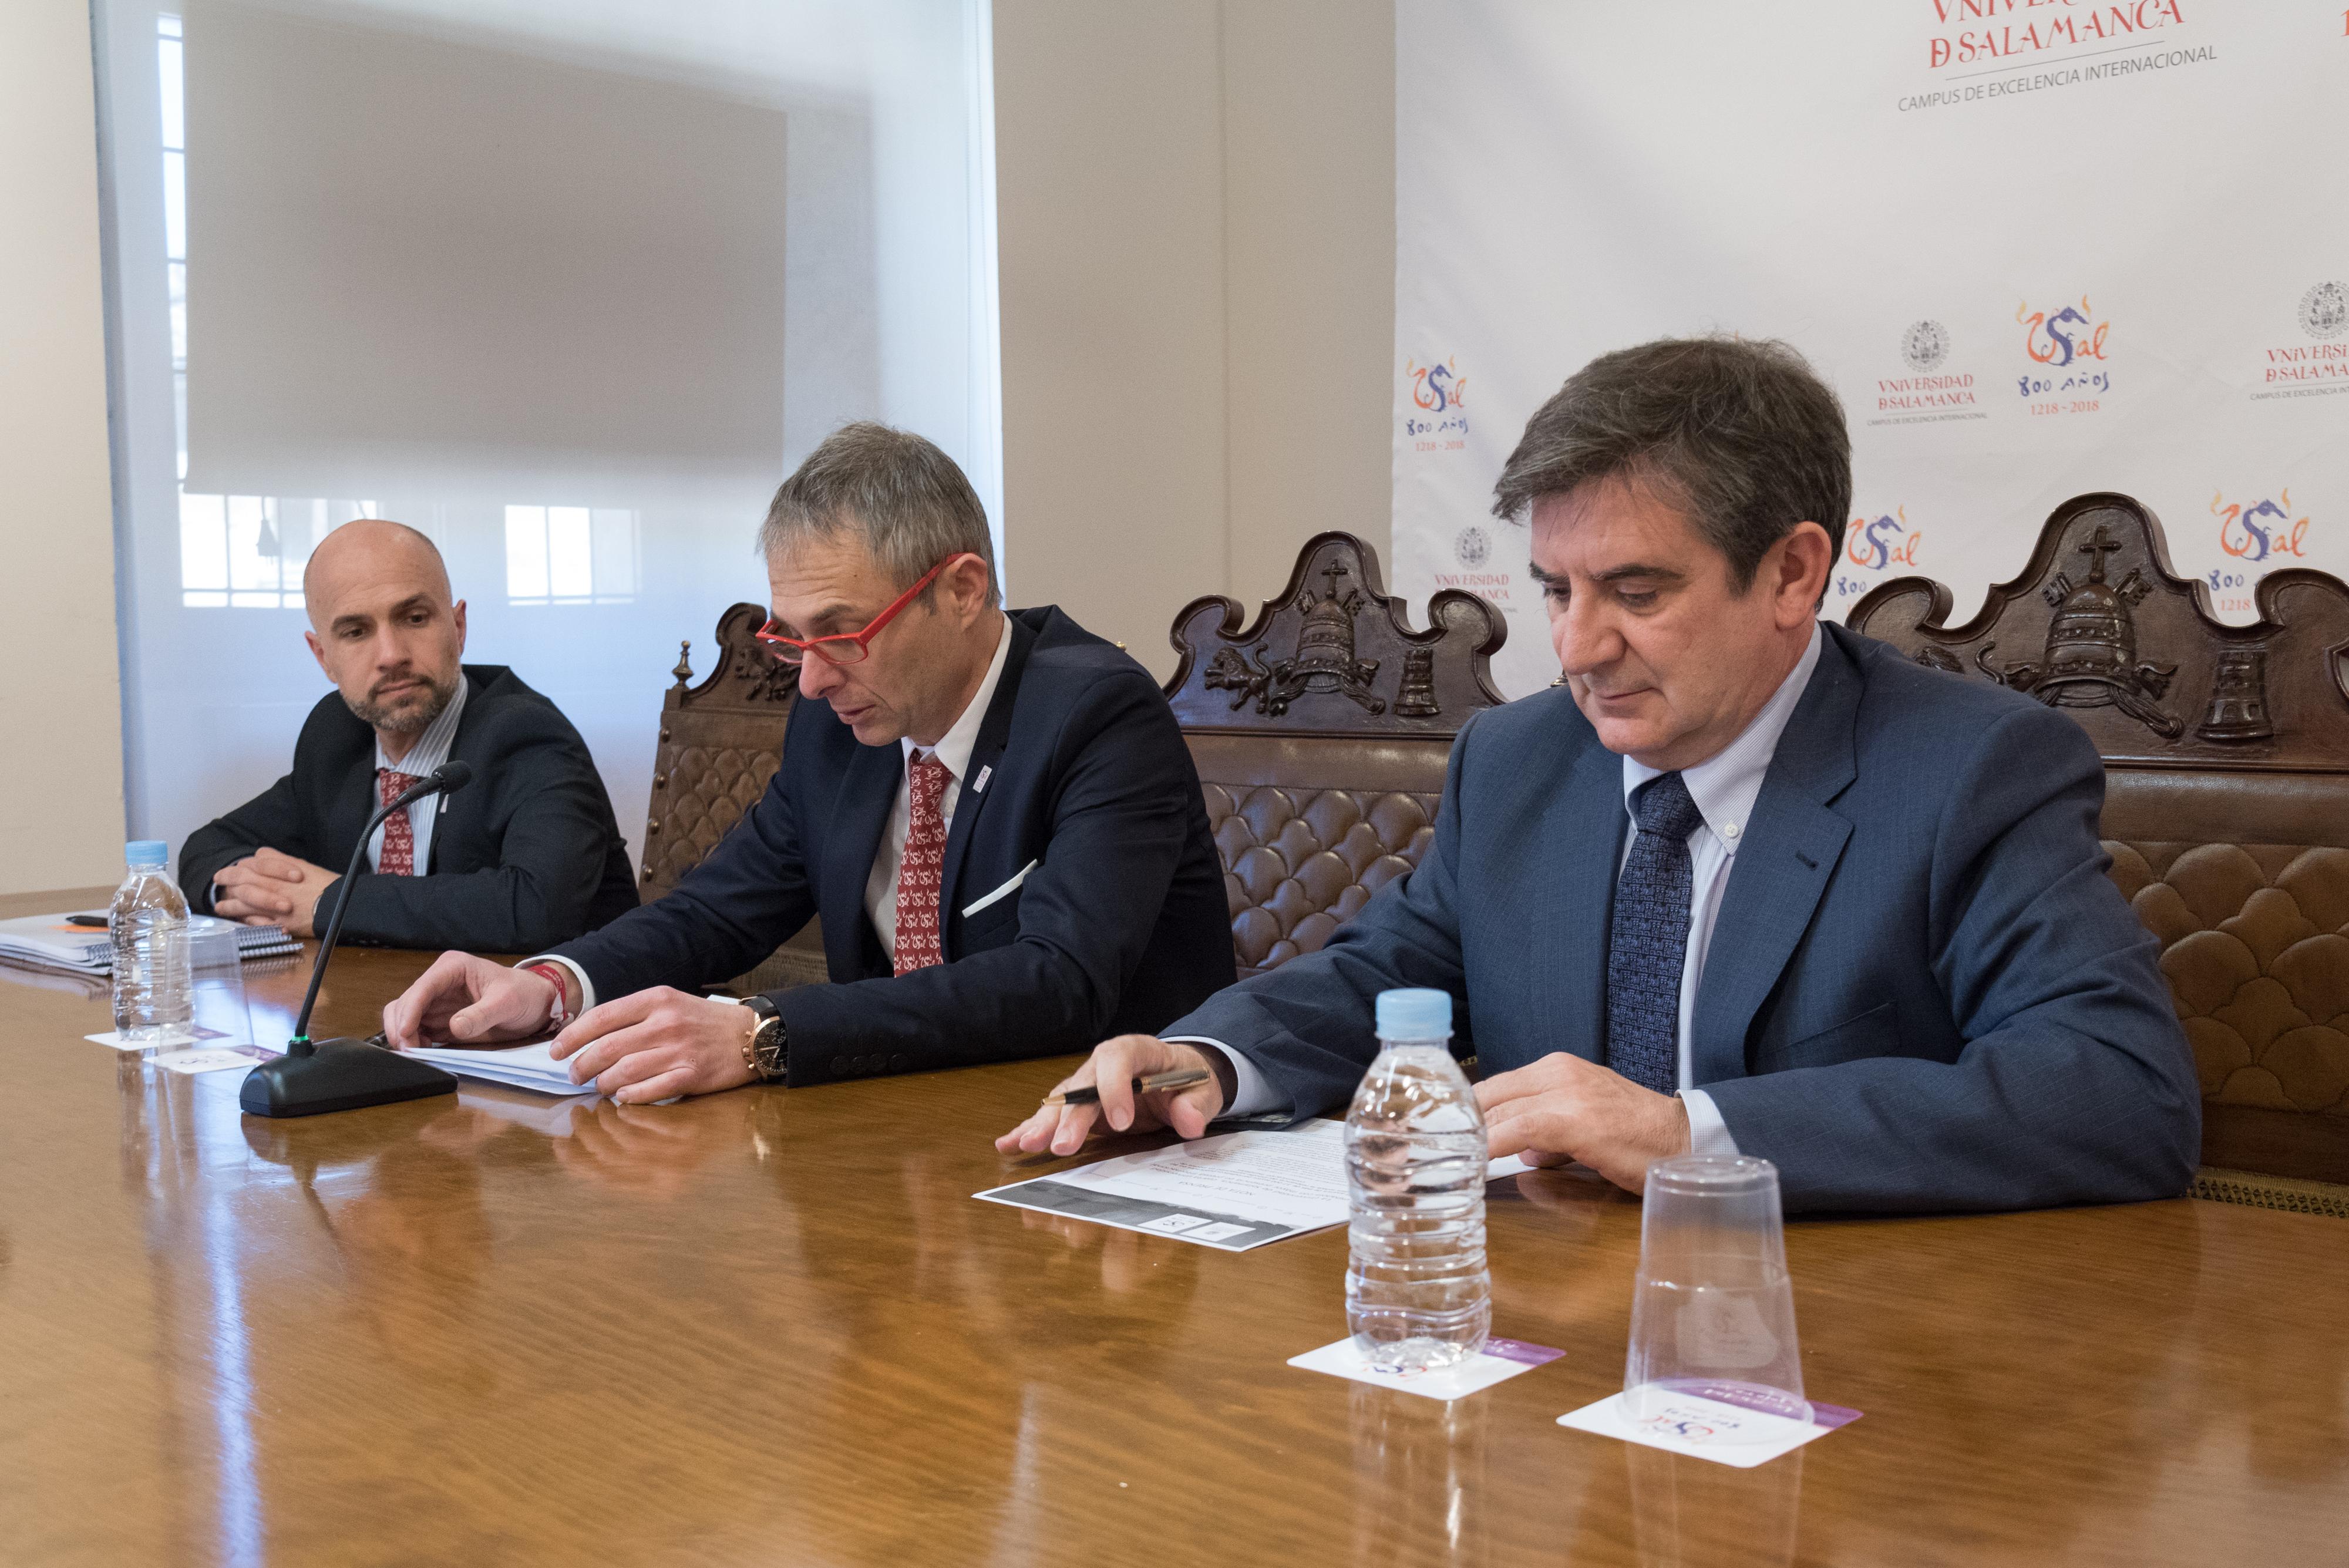 El presupuesto de la Universidad de Salamanca para el 2018 se eleva un 2% y se sitúa en 214.980.142 euros